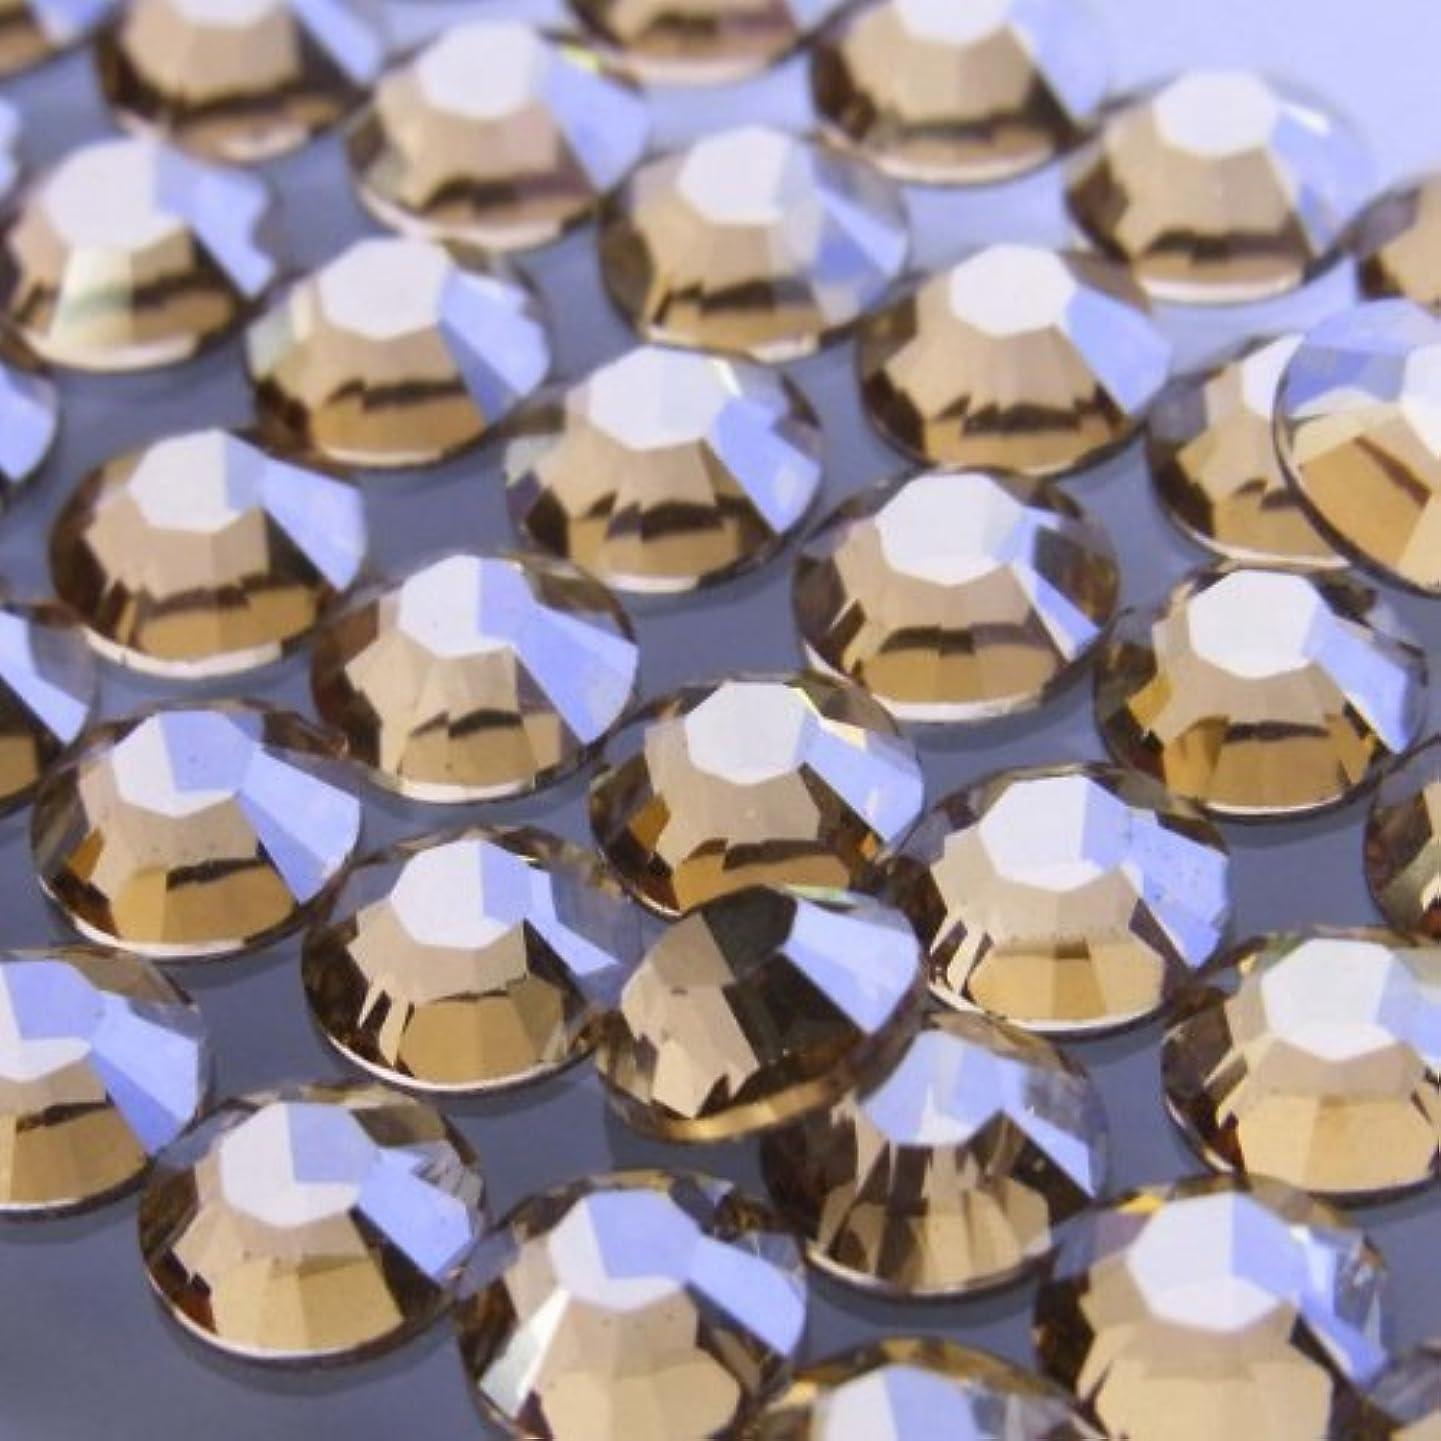 幻想的石灰岩セーター2058クリスタルゴールデンシャドウss7(100粒入り)スワロフスキーラインストーン(nohotfix)